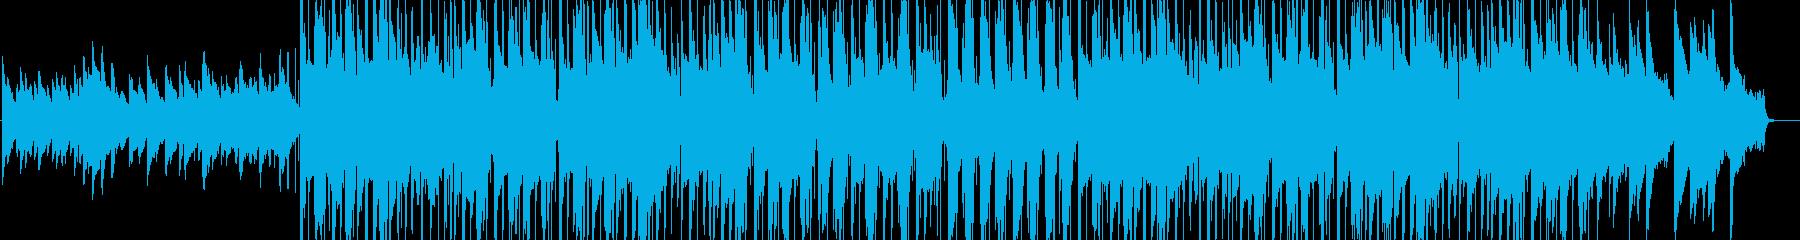 【悲愴第2楽章】ヒーリングHIPHOPの再生済みの波形